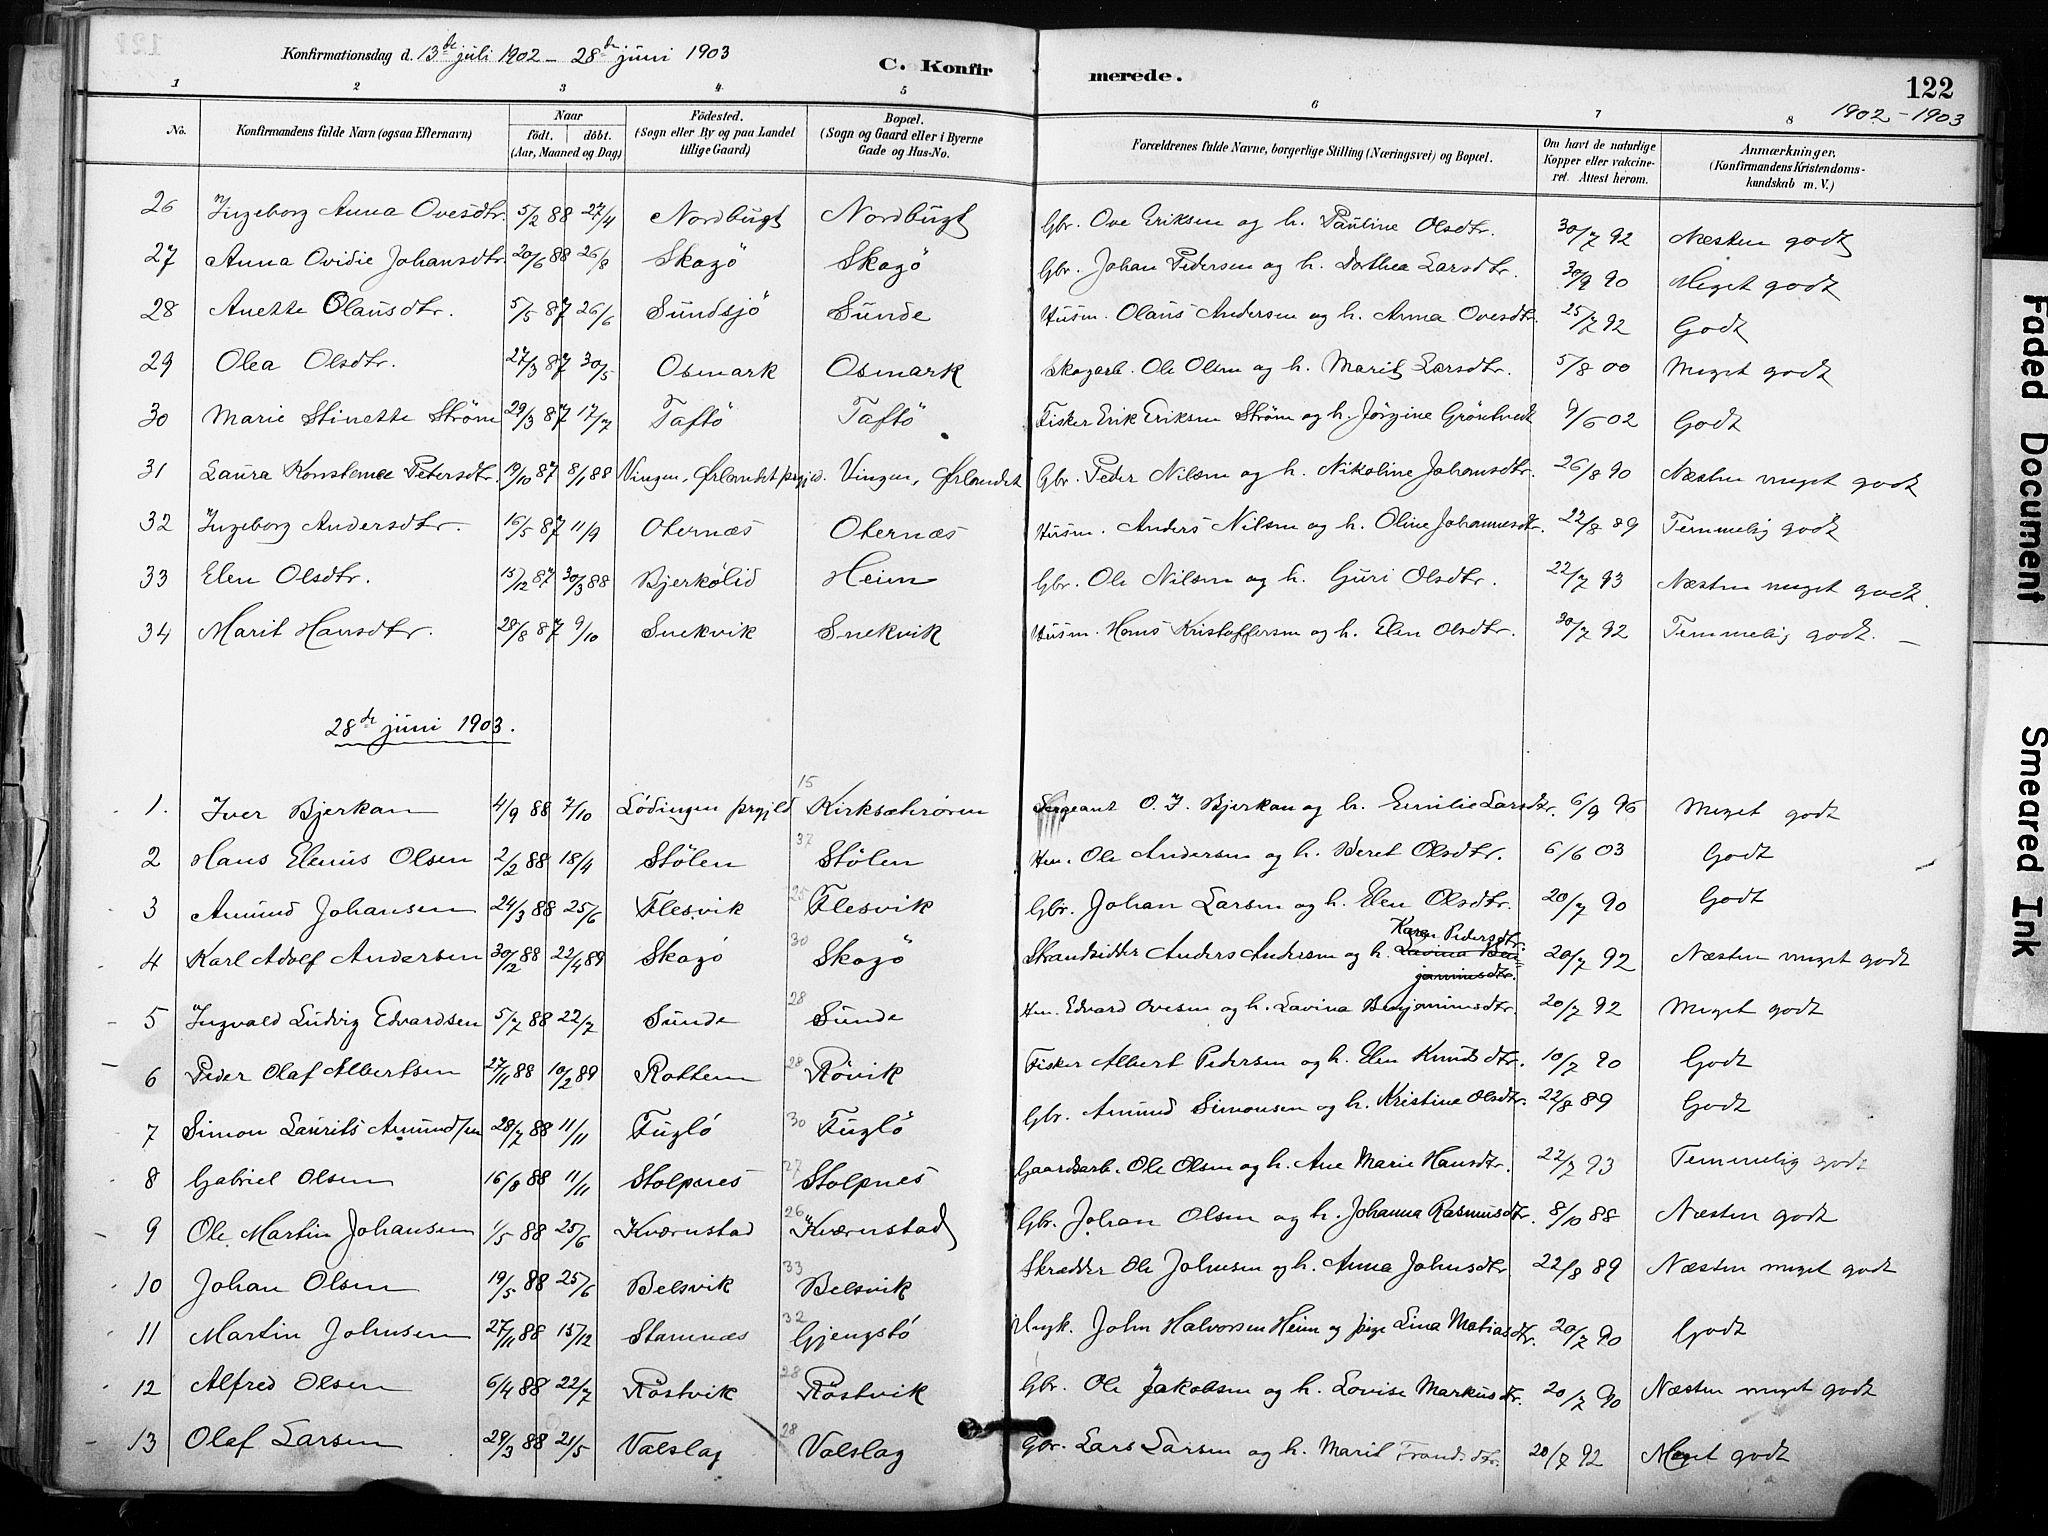 SAT, Ministerialprotokoller, klokkerbøker og fødselsregistre - Sør-Trøndelag, 633/L0518: Ministerialbok nr. 633A01, 1884-1906, s. 122